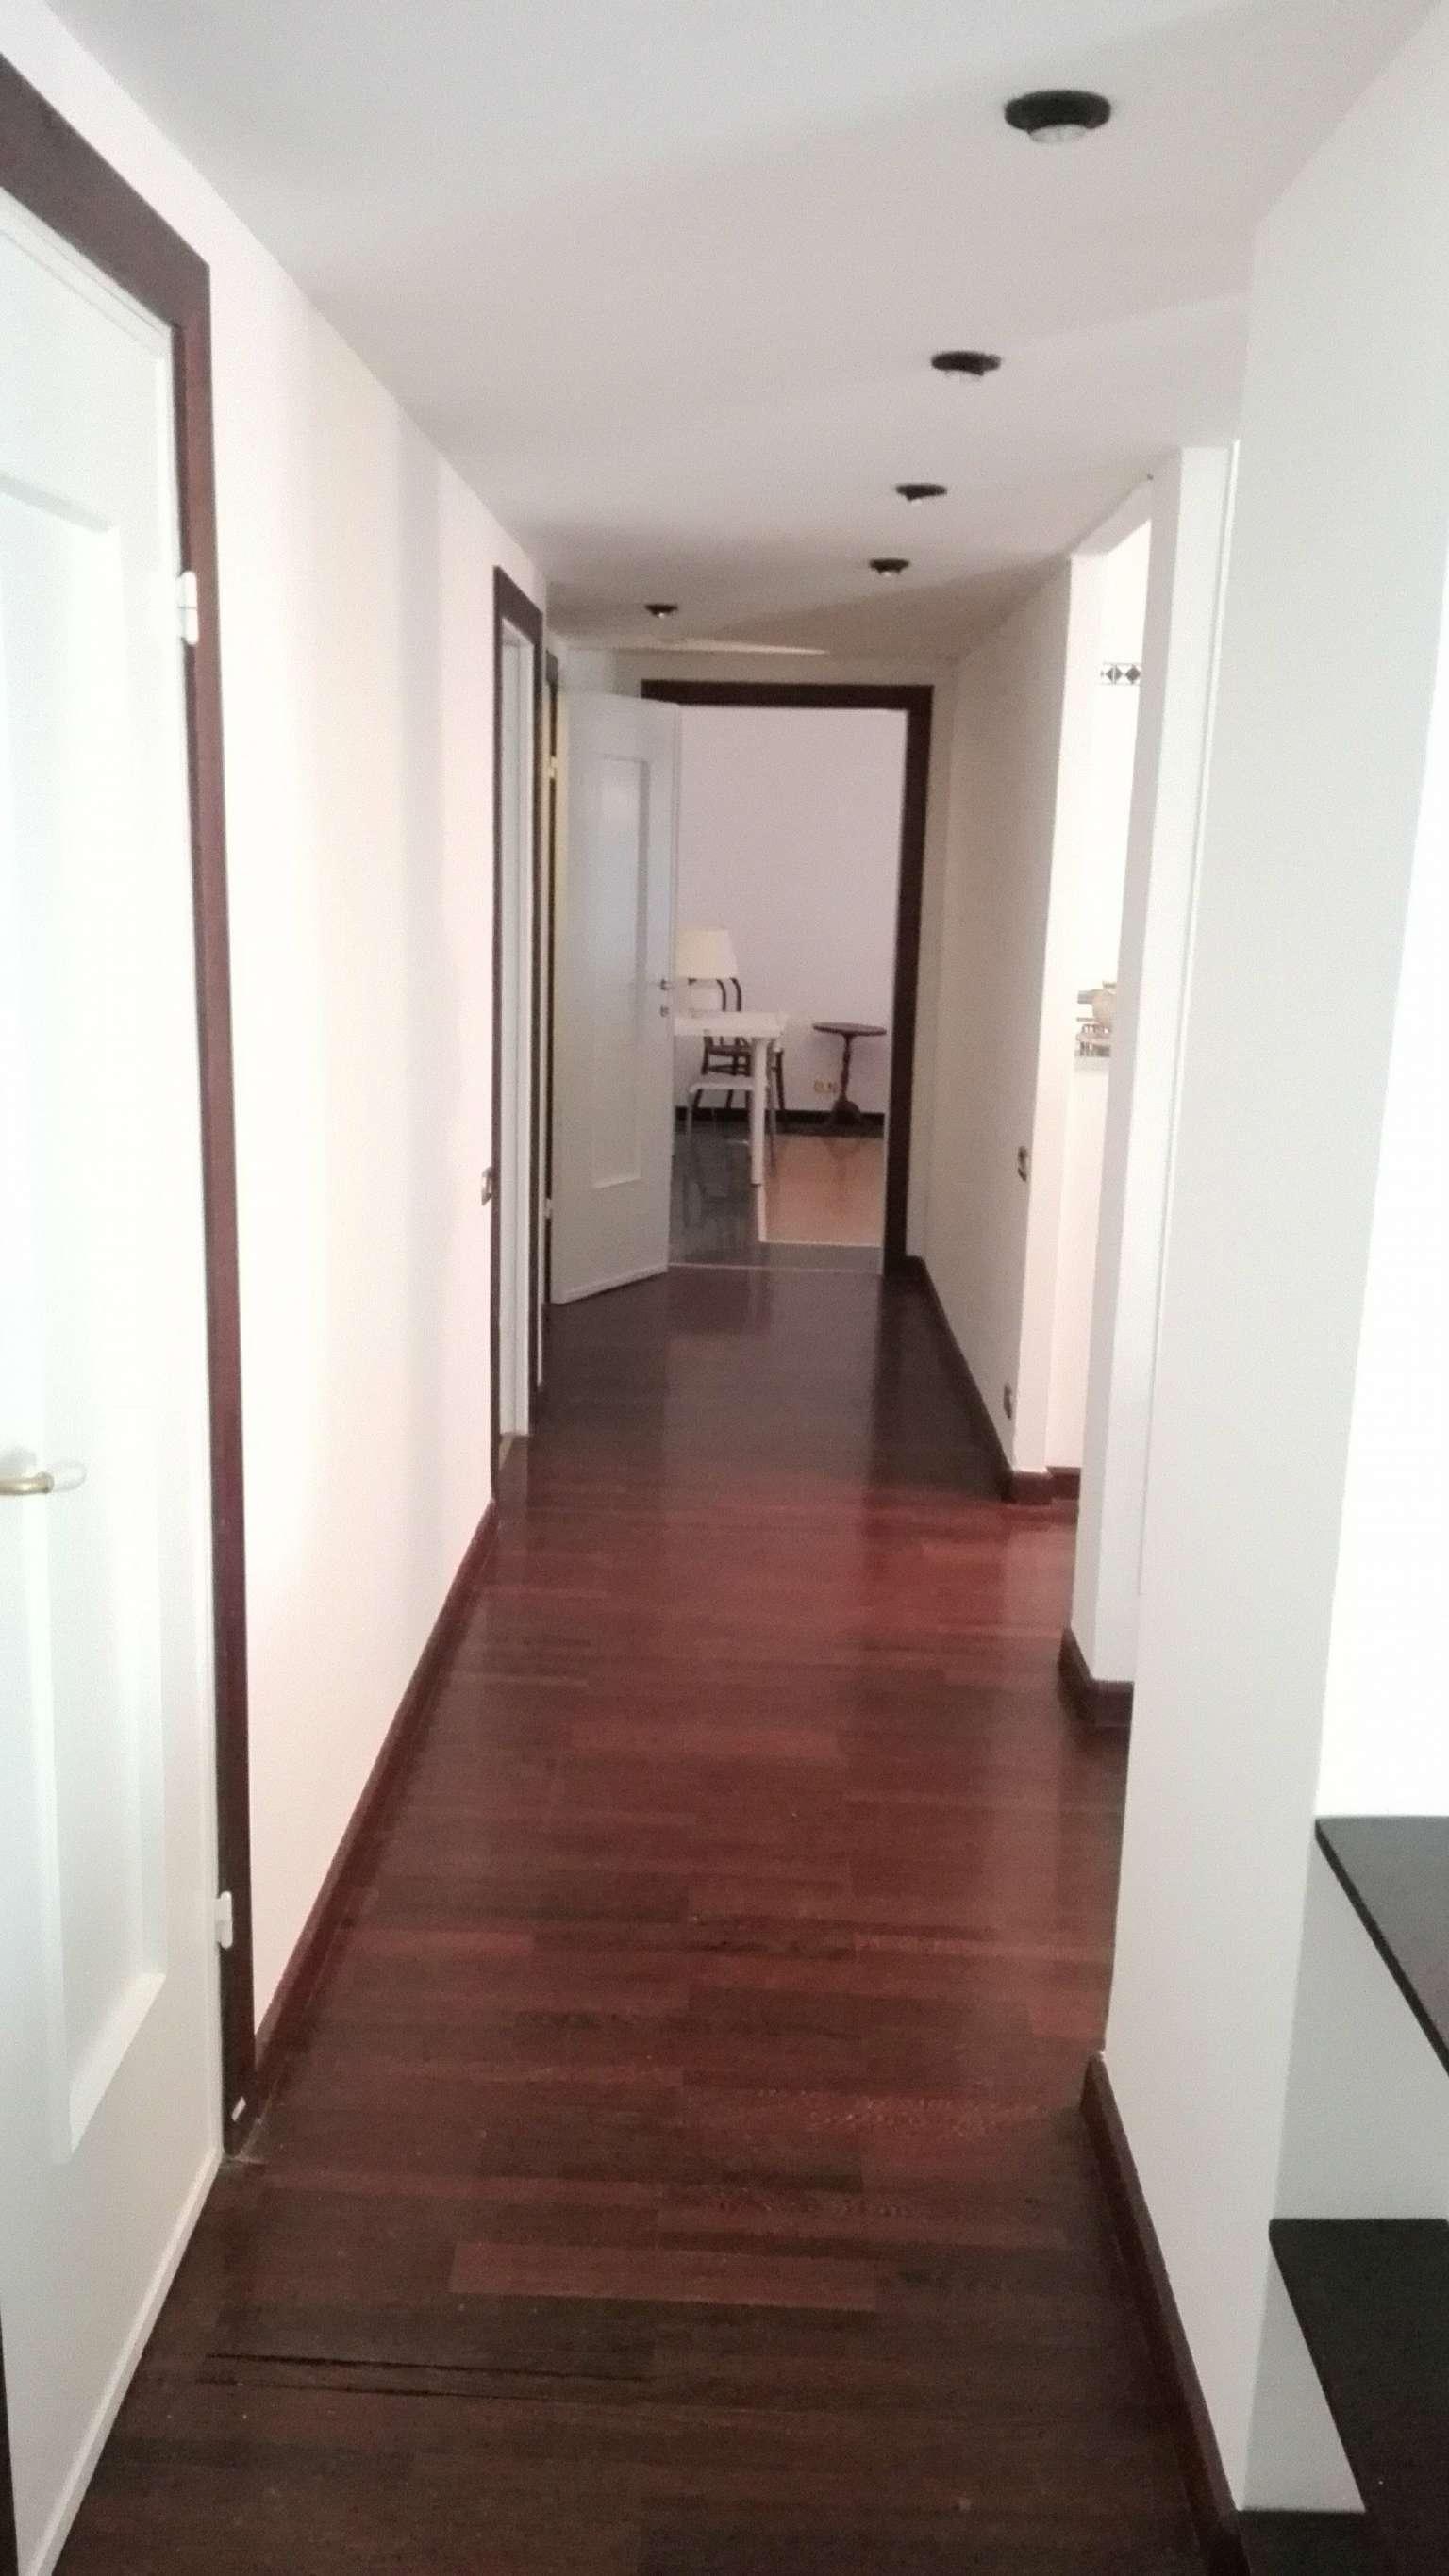 Appartamento genova affitto 800 110 mq riscaldamento for Contratto affitto appartamento arredato